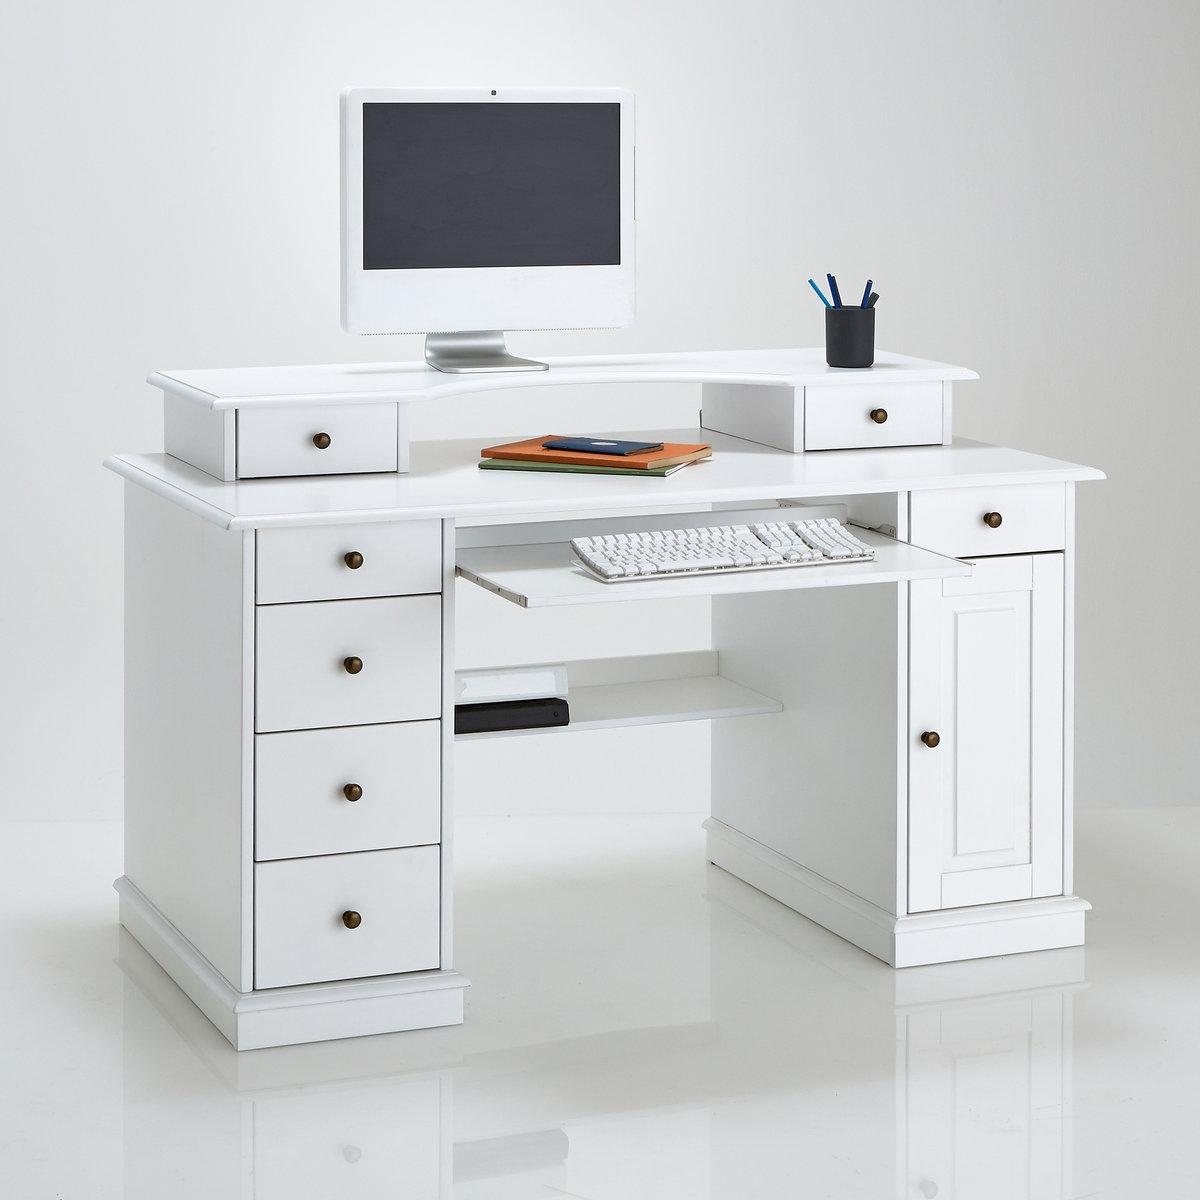 Рабочий стол Authentic style